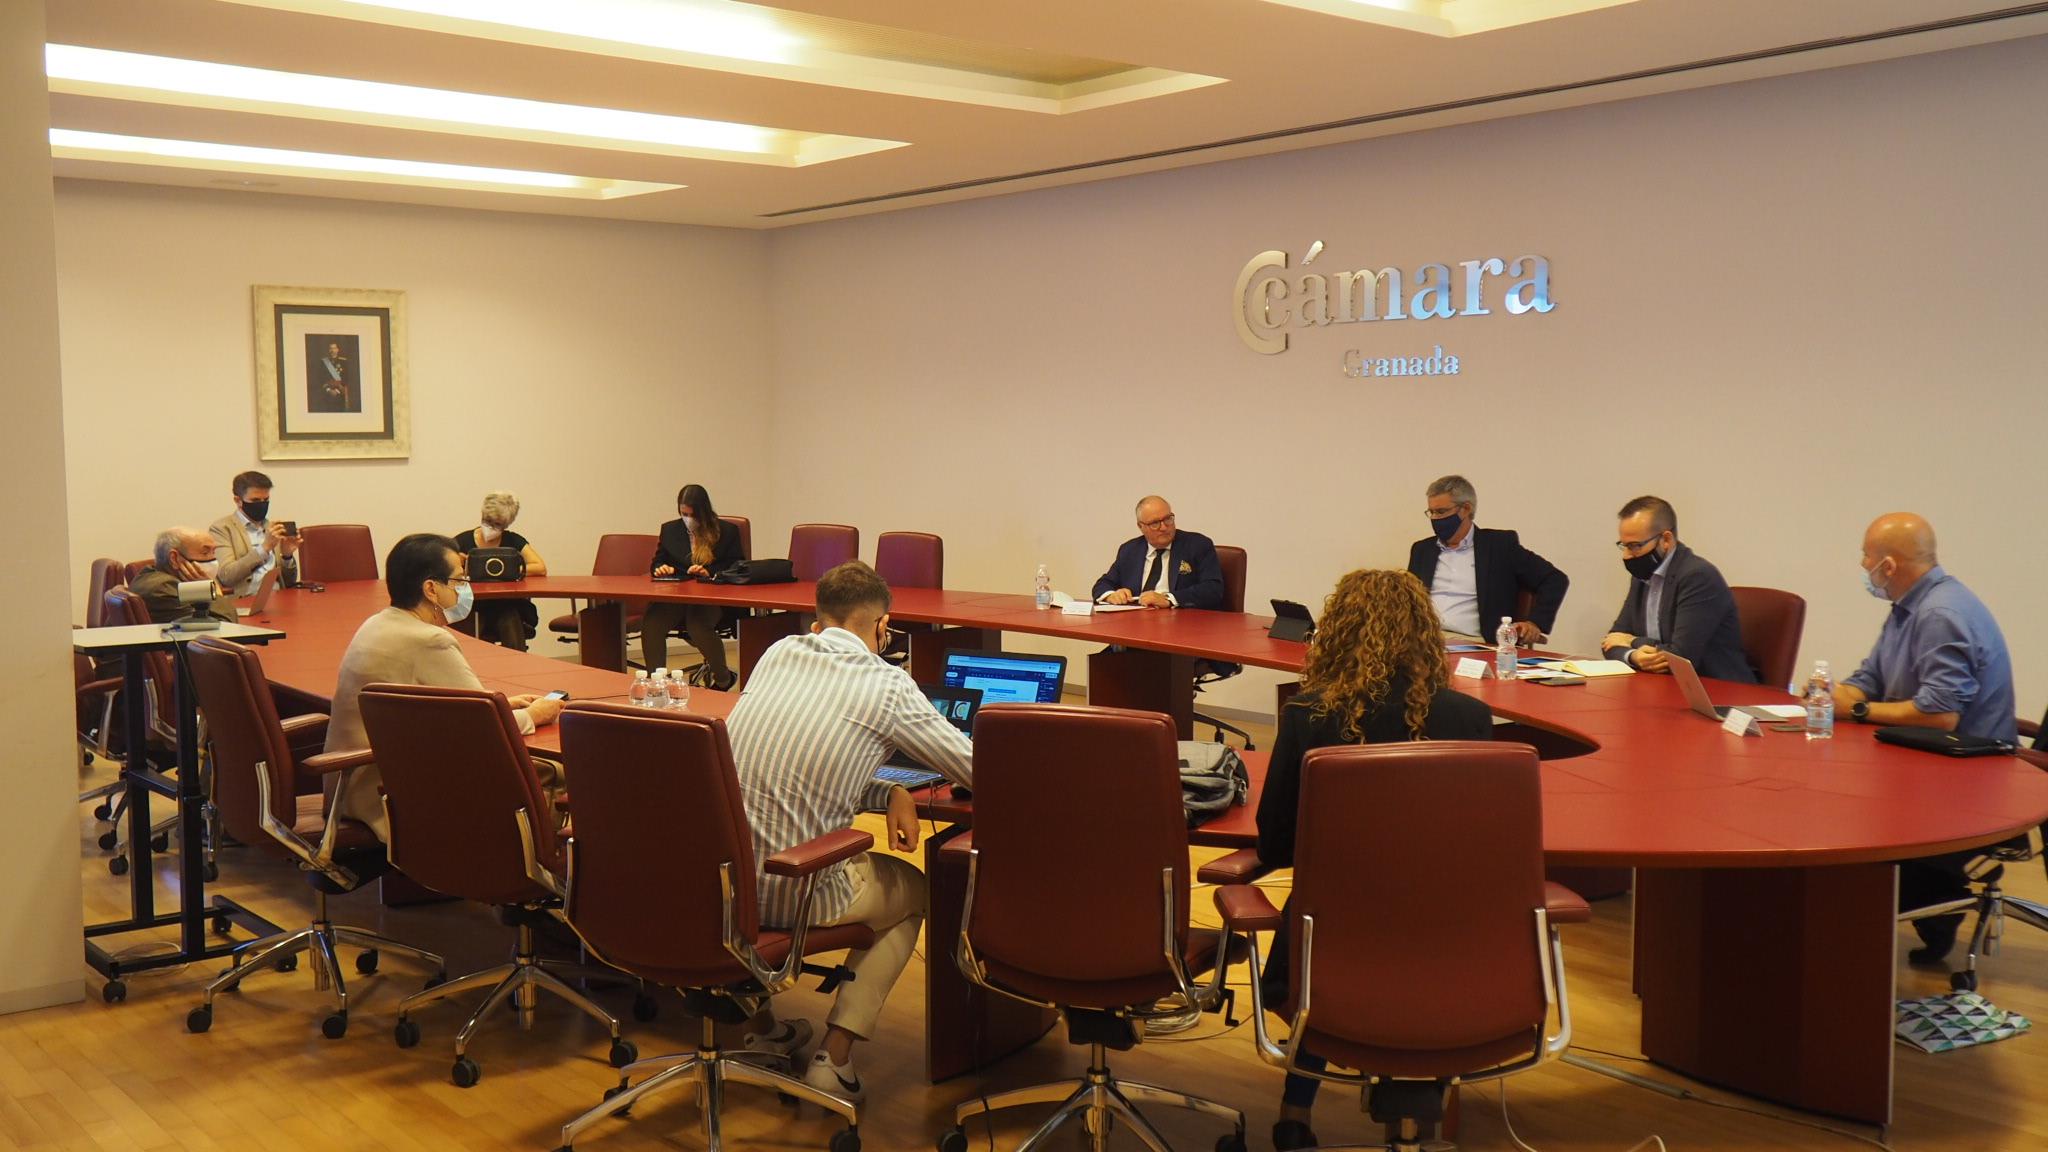 Cámara Granada defiende el valor estratégico de la comunicación en la gestión actual de las empresas